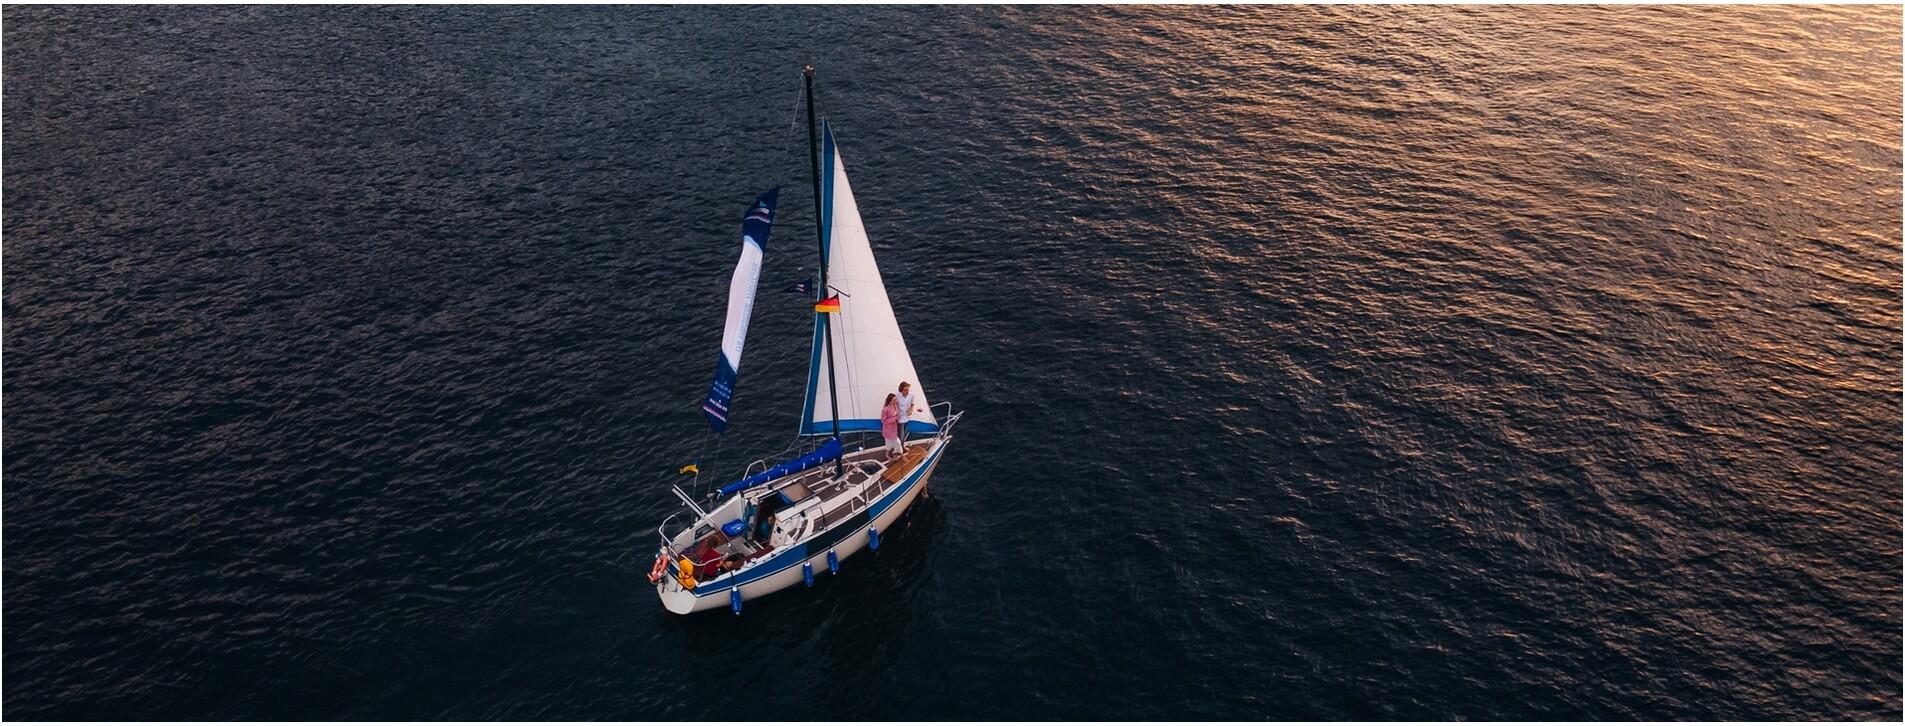 Фото 1 - Романтичний захід сонця на яхті